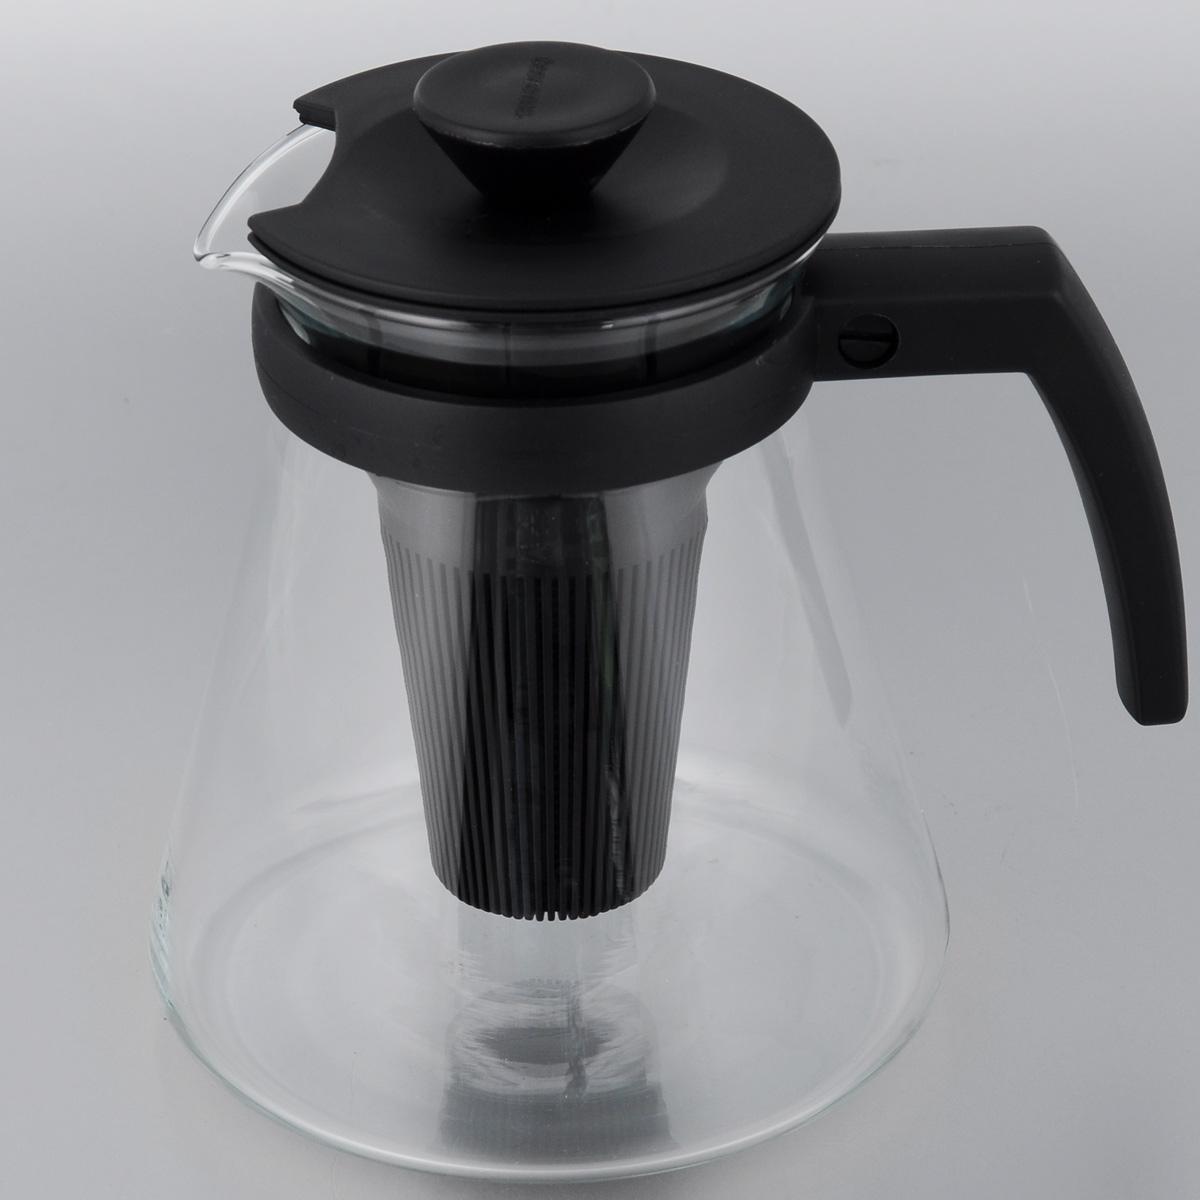 Чайник заварочный Tescoma Teo, с ситечками, цвет: прозрачный, черный, 1,25 л646622Заварочный чайник Tescoma Teo поможет приготовить вкусный и ароматный чай. Колба выполнена из термостойкого боросиликатного стекла, ручка и крышка из прочного пластика. Чайник снабжен съемными пластиковыми ситечками. Глубокое ситечко предназначено для заваривания свежей мяты, мелиссы, имбиря, сушеного шиповника. Очень густое ситечко для заваривания всех видов рассыпчатого чая. Можно использовать на газовых, электрических и стеклокерамических плитах, а также в микроволновых печах. Не рекомендуется мыть в посудомоечной машине. Диаметр (по верхнему краю): 10 см. Высота чайника (без учета крышки): 16 см.